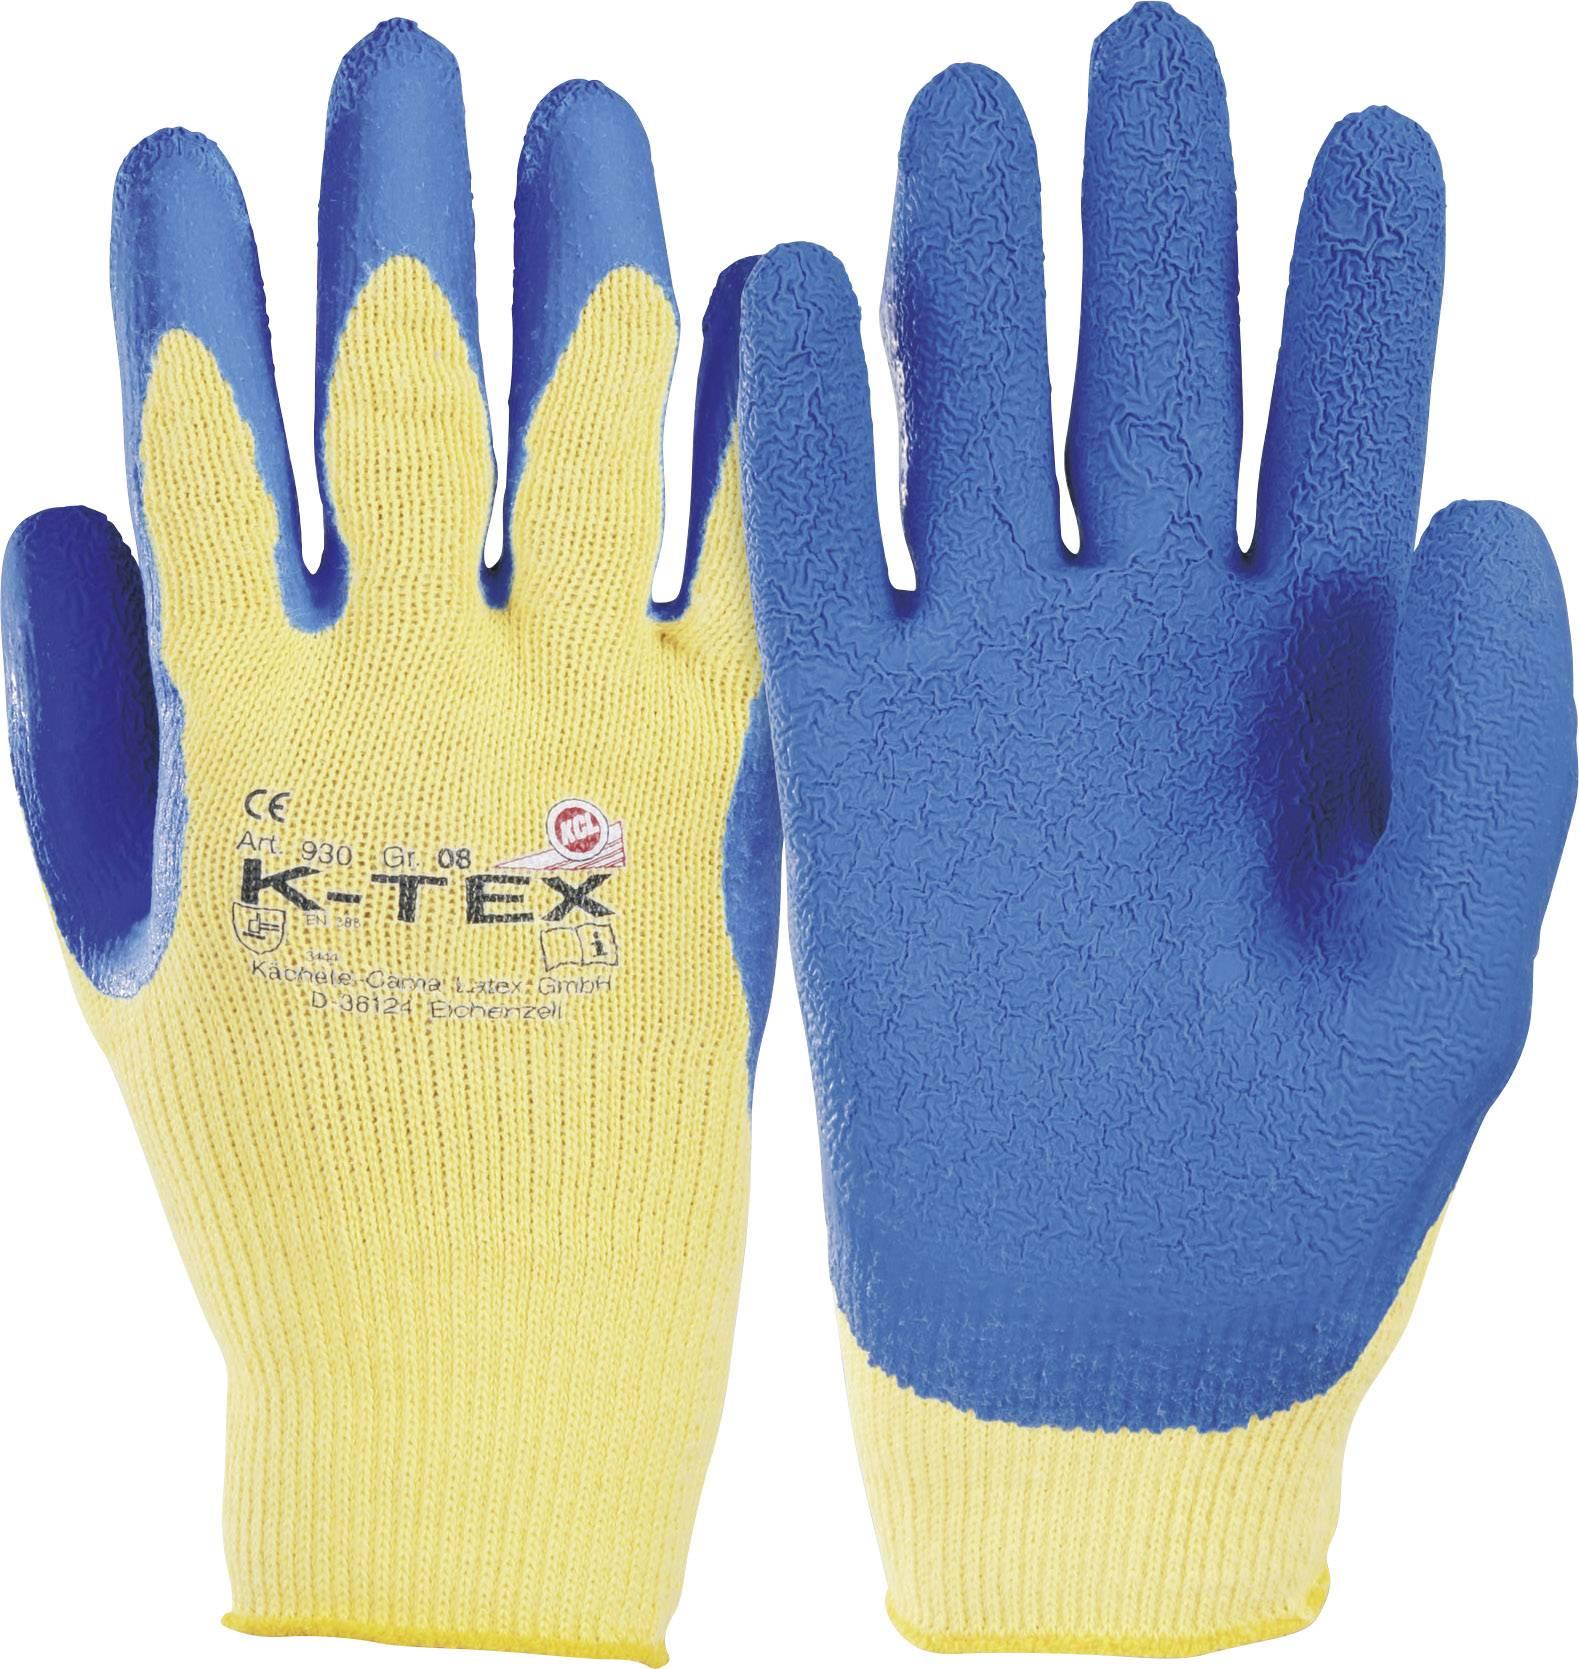 Rukavice K-TEXR z Para-Aramidového vlákna s přírodní latexovou vrtvou, velikost 7